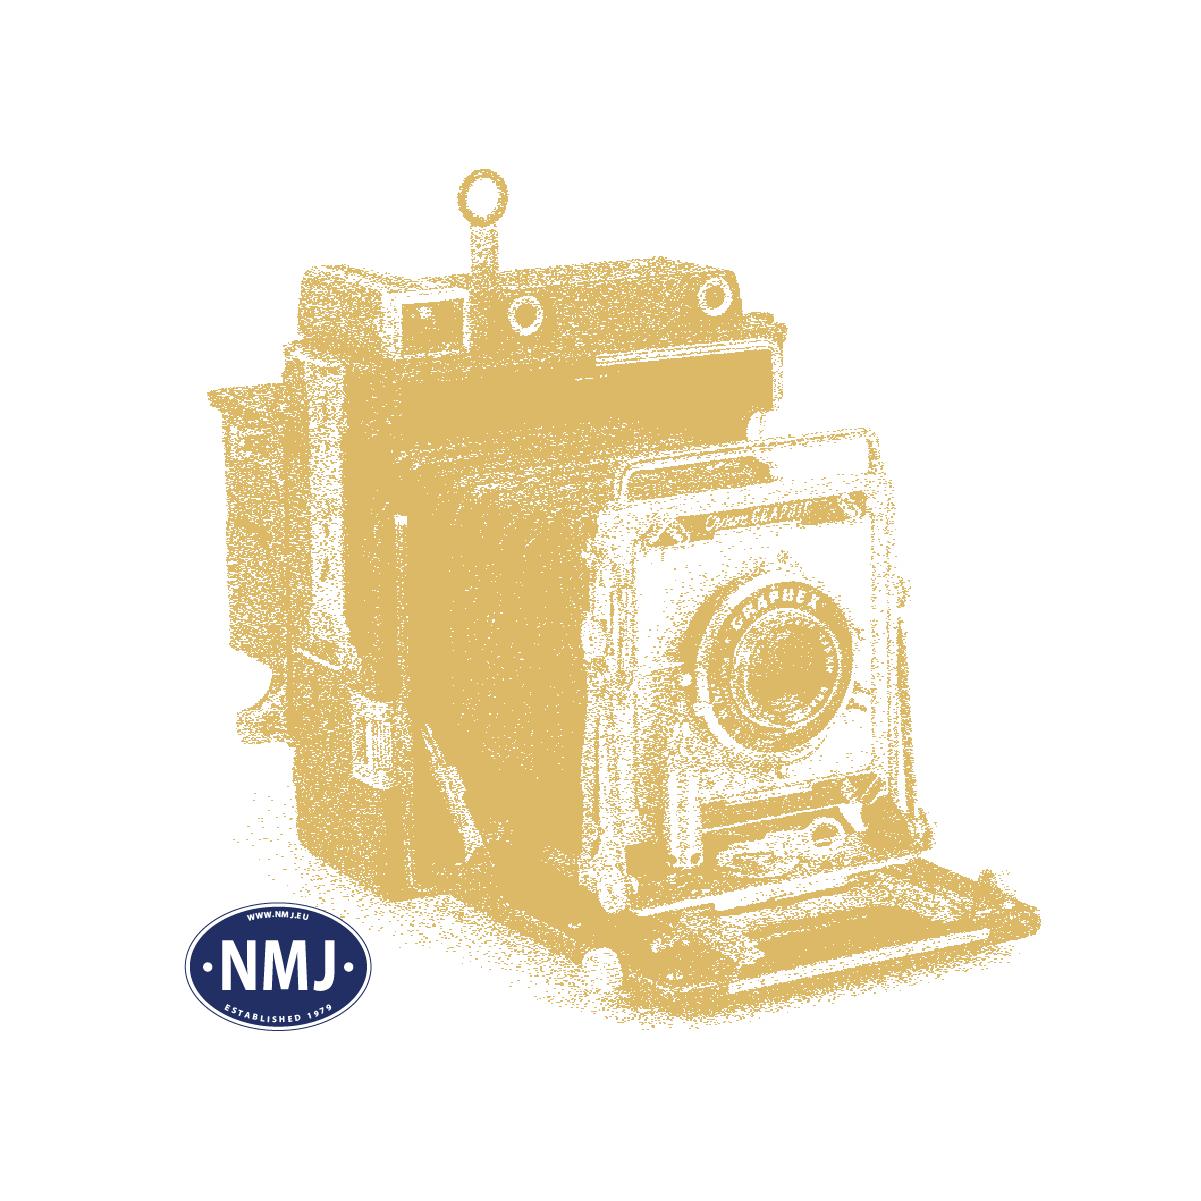 MRHGT-093 - Mr. Tweezers Parts Holder